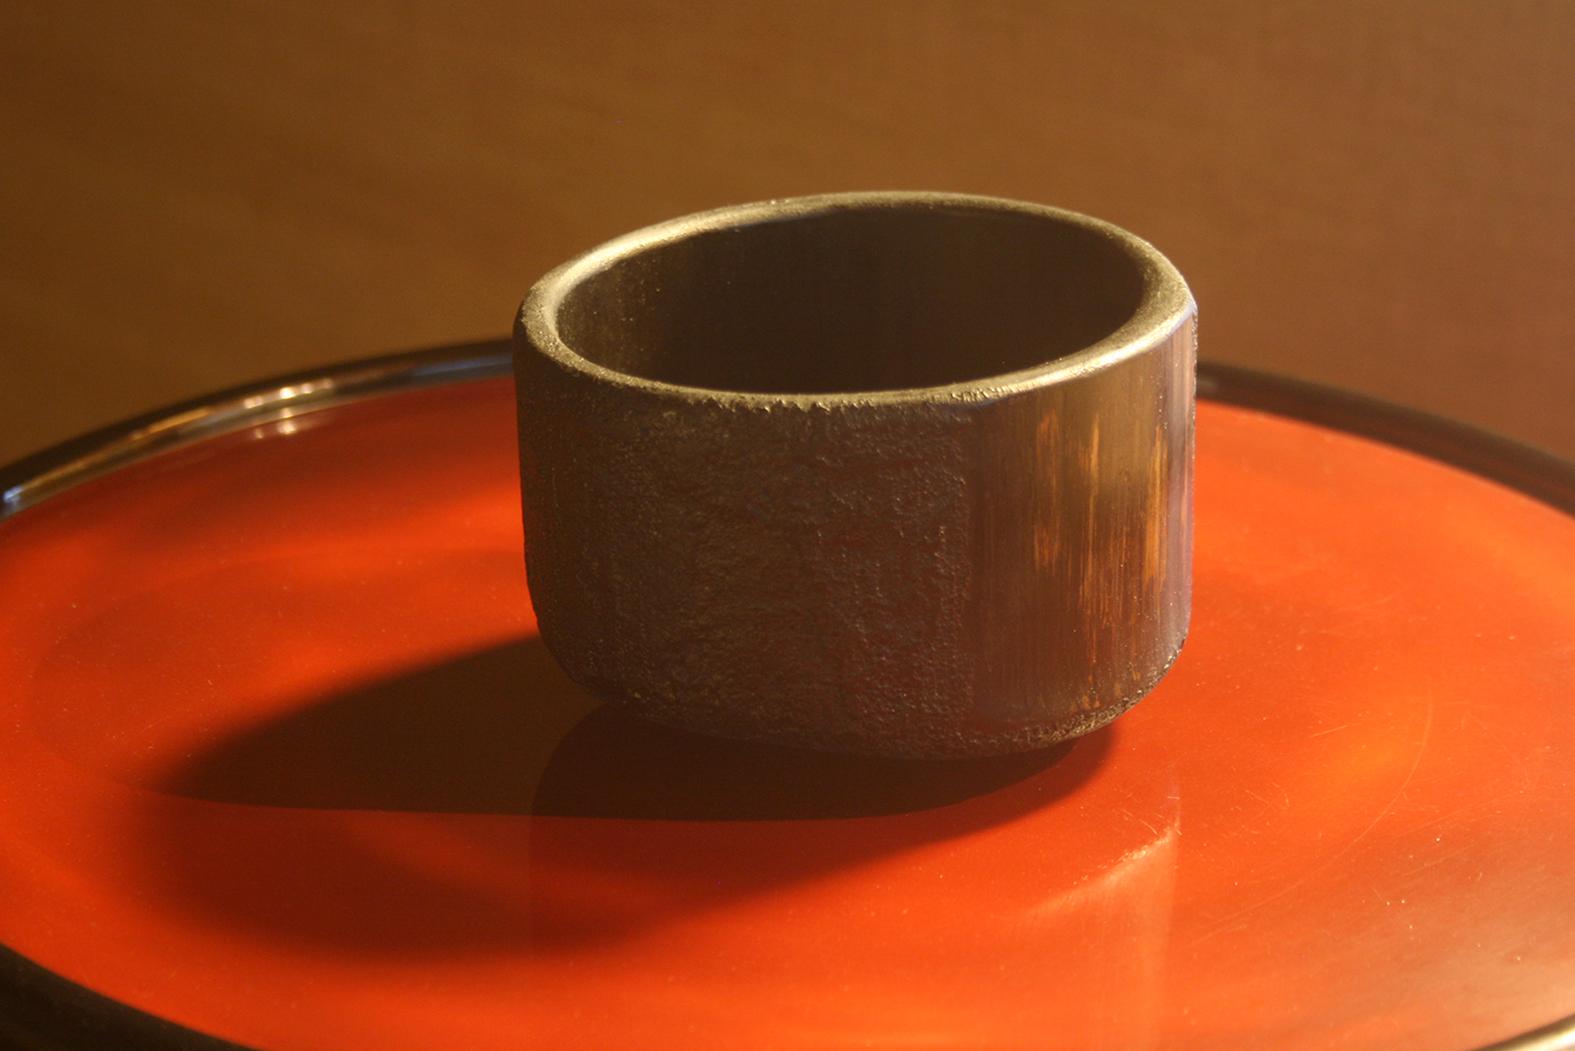 【受付終了】竹と漆の茶わんづくり